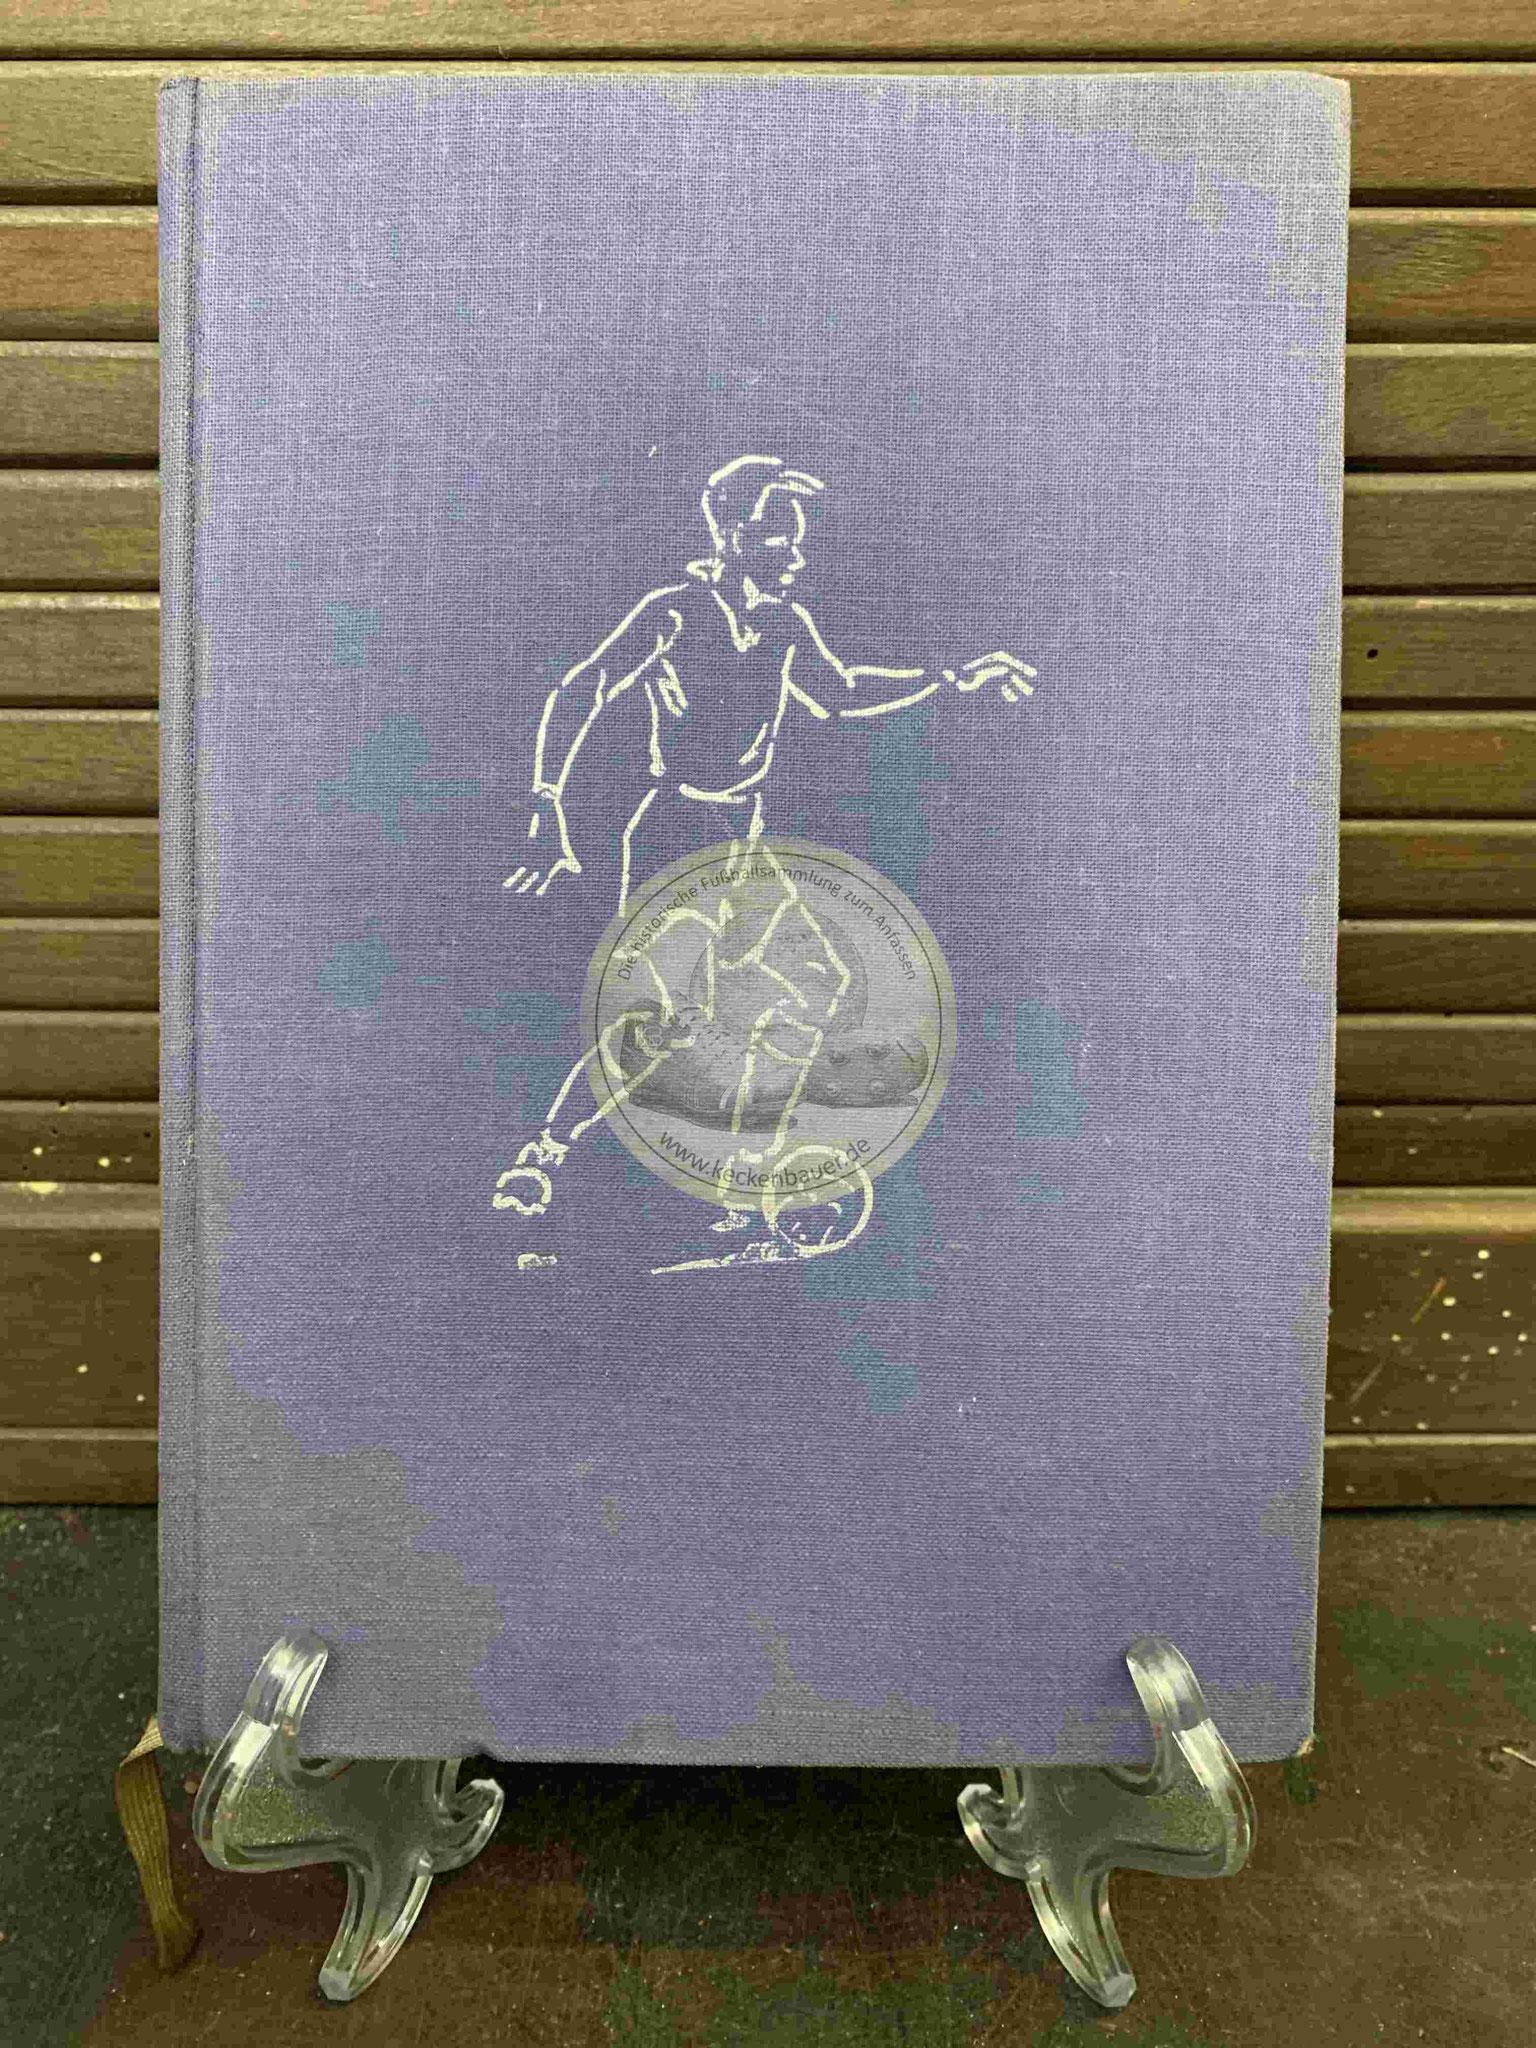 Fussball Technik von Dietmar Cramer aus dem Jahr 1952